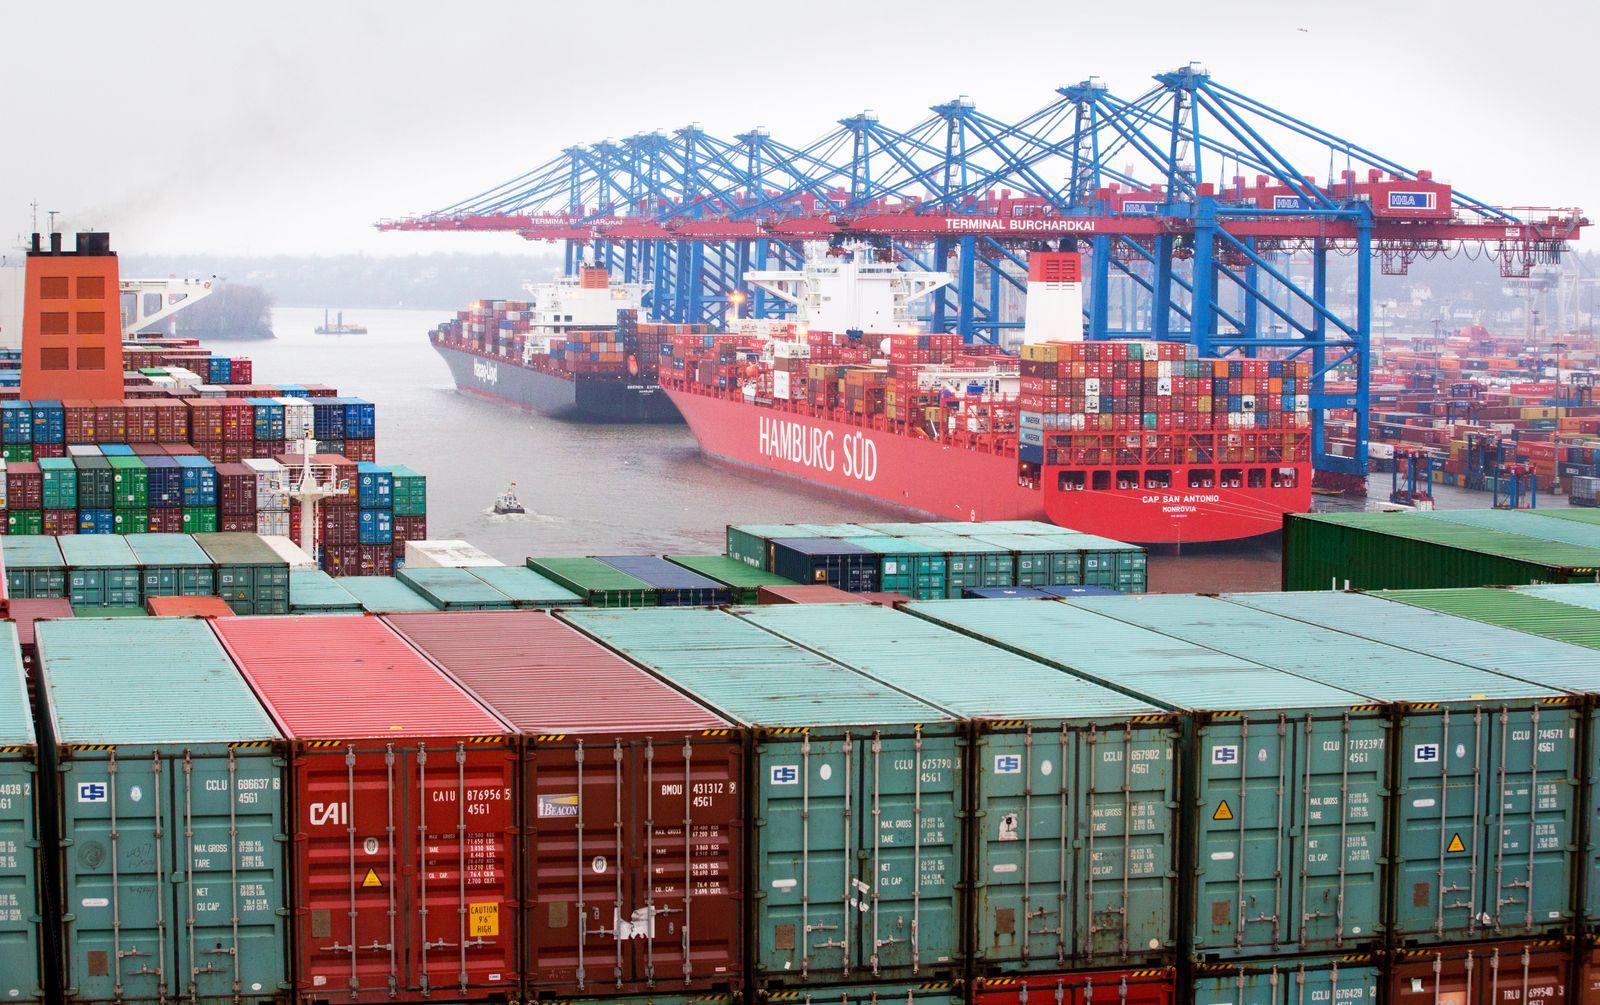 Reederei Hamburg Süd / Containerterminal in Hamburg